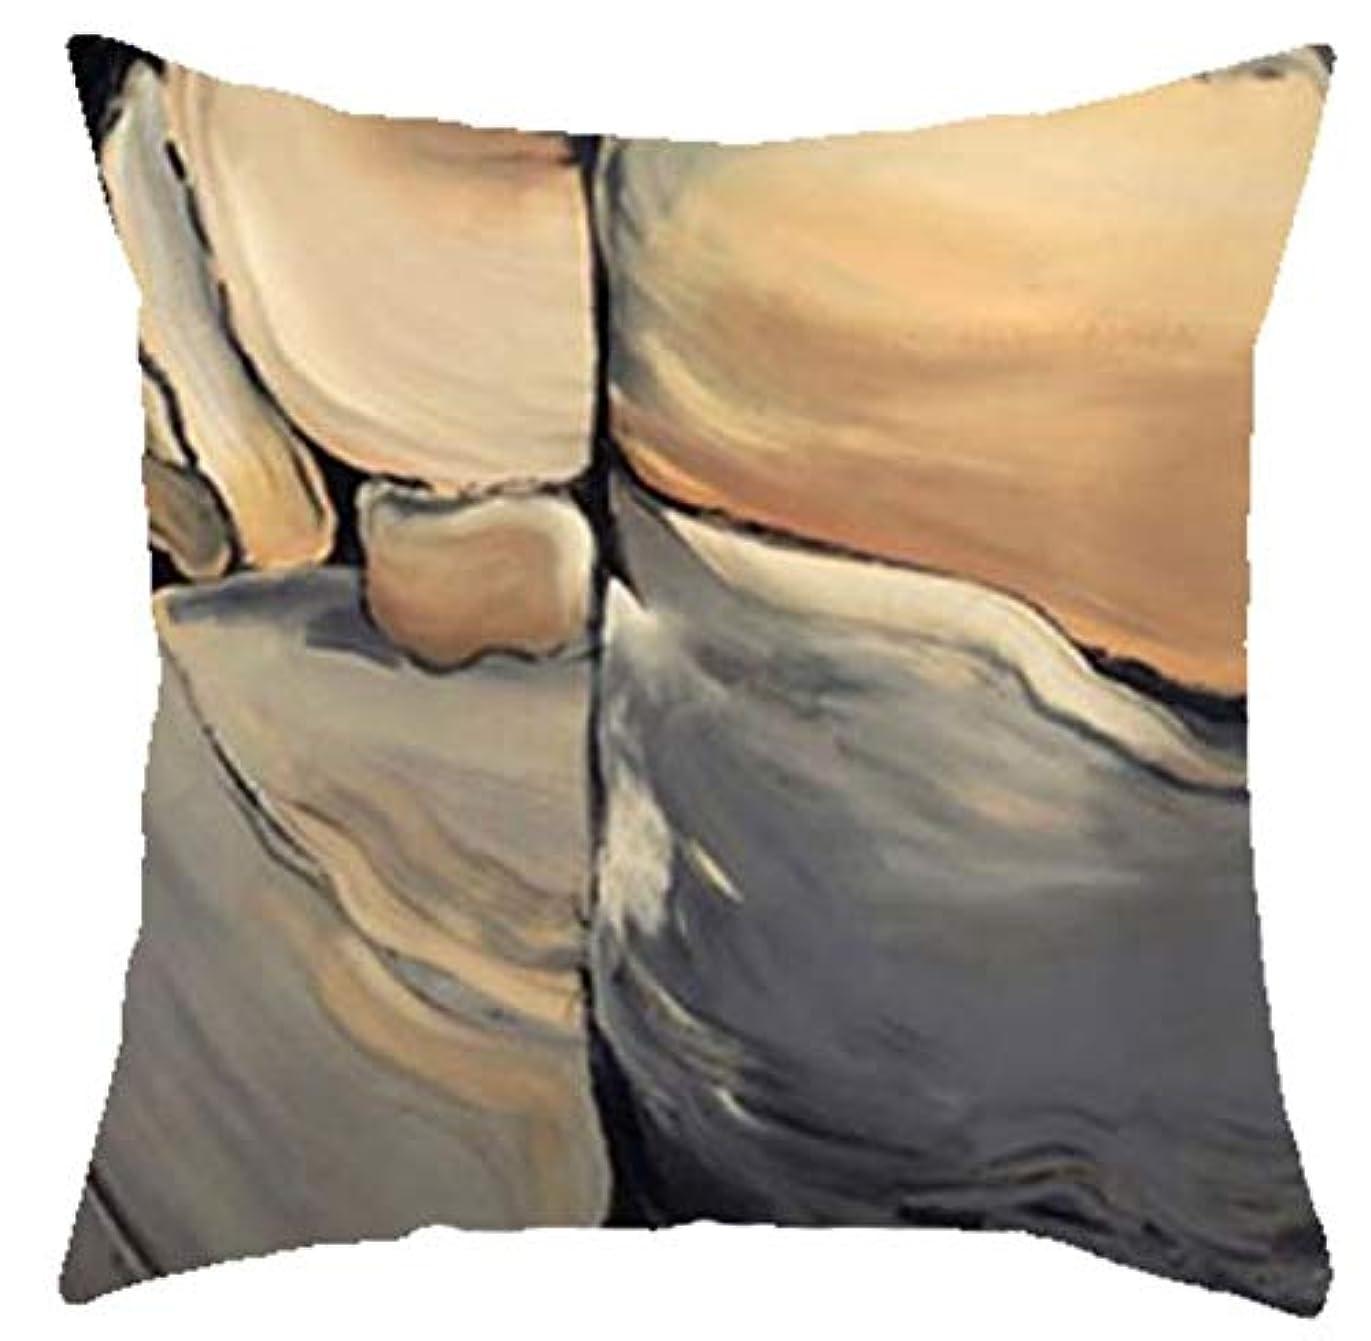 サロン上下する相対的LIFE 新入荷幾何学模様スロー枕クリエイティブ抽象大理石クッション手塗りの山の森リビングルームのソファ クッション 椅子